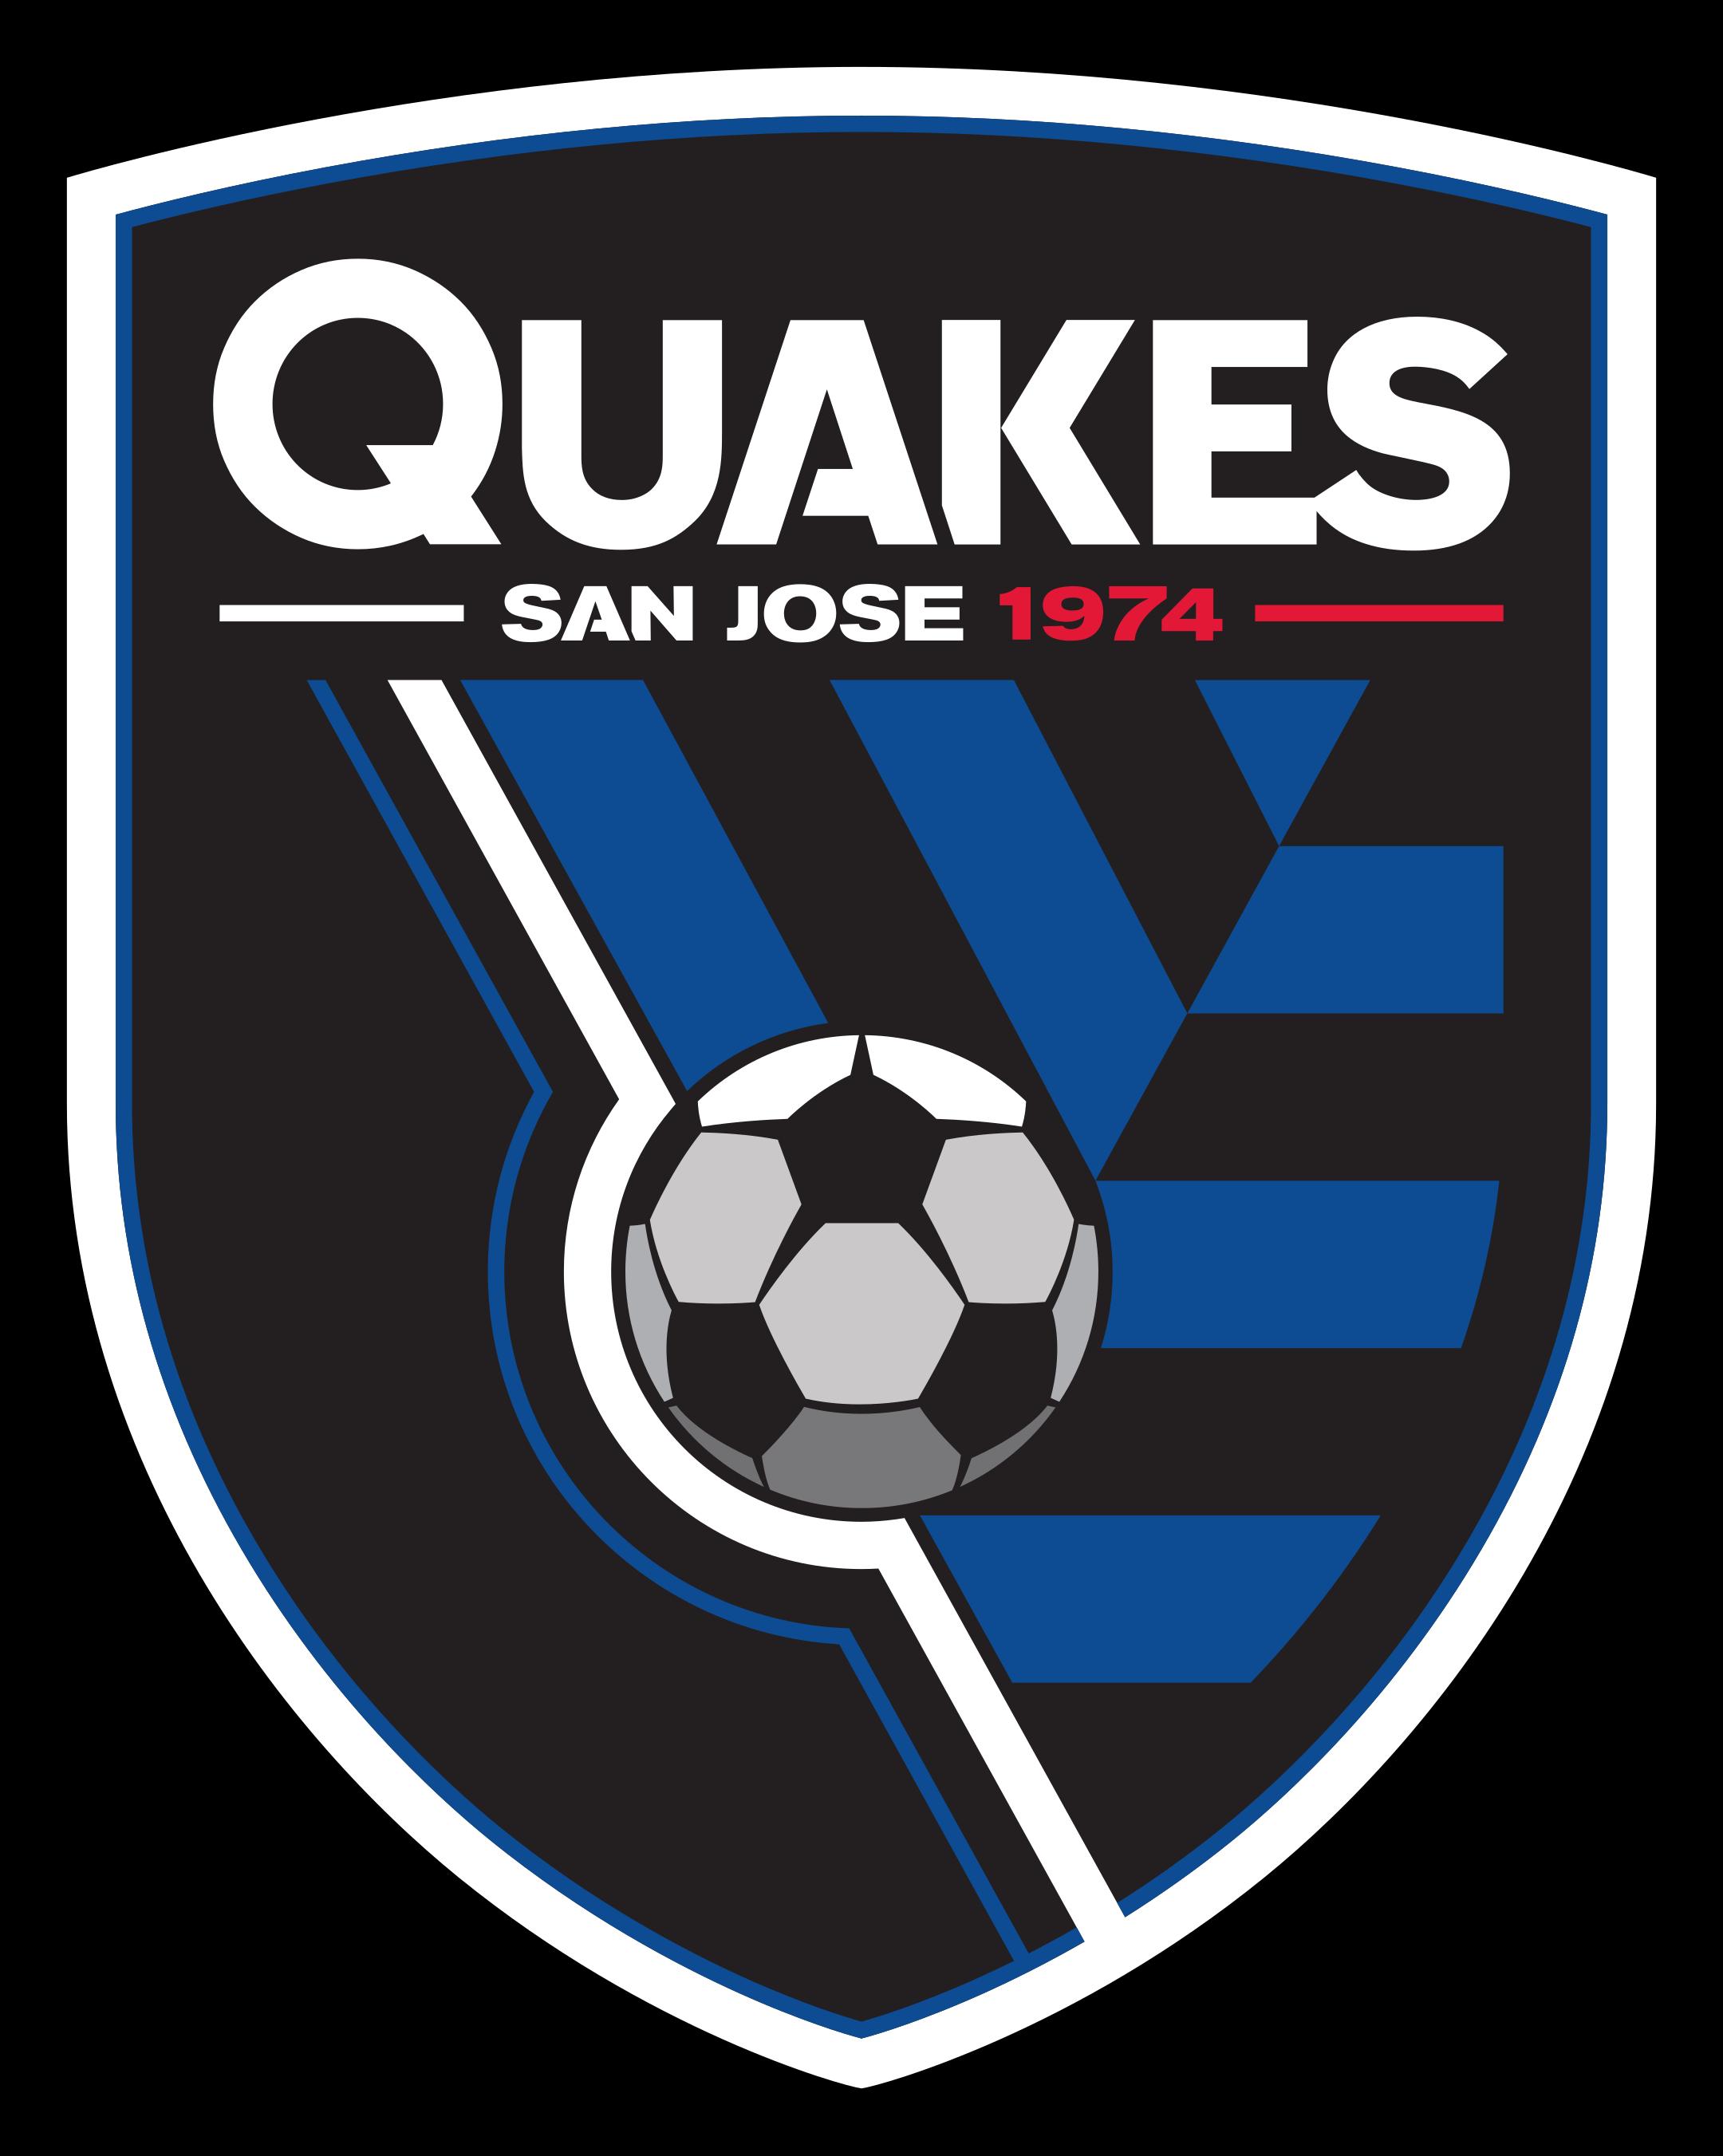 san jose earthquakes logo 1 - San Jose Earthquakes Logo